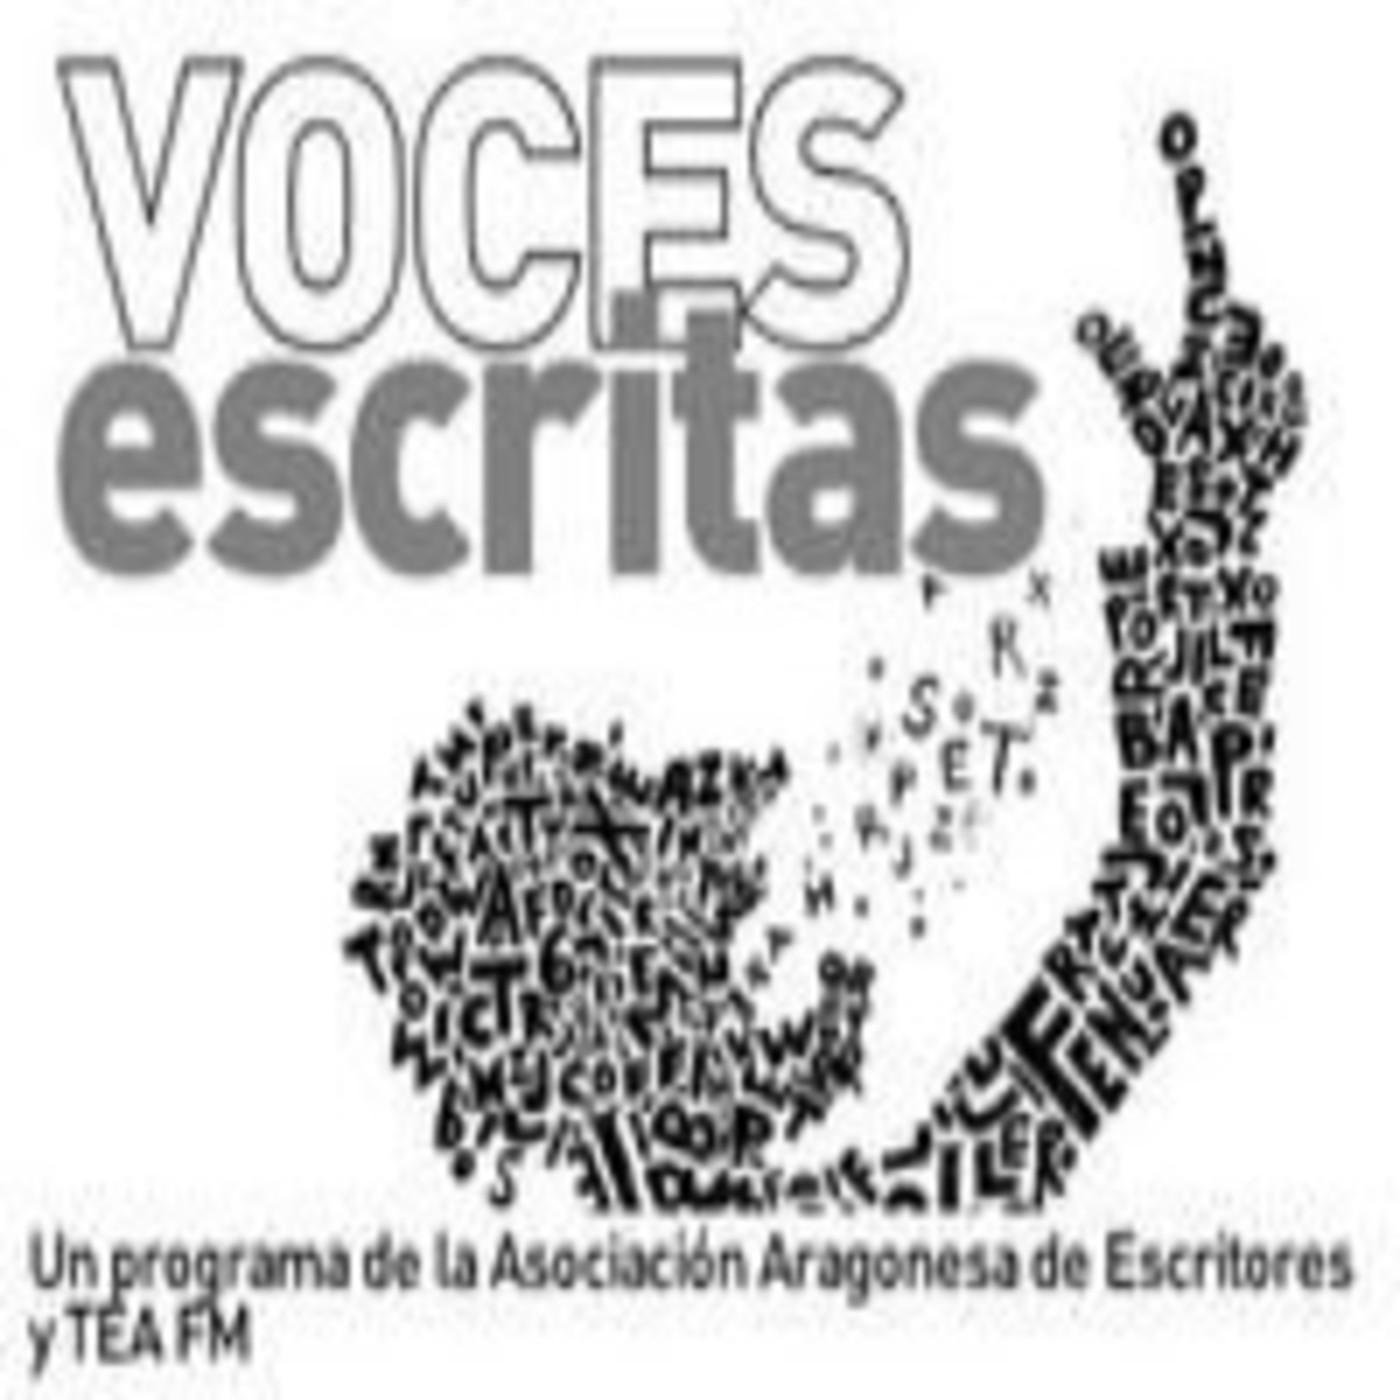 Voces Escritas. Fernando Urbano y Ricardo Diez